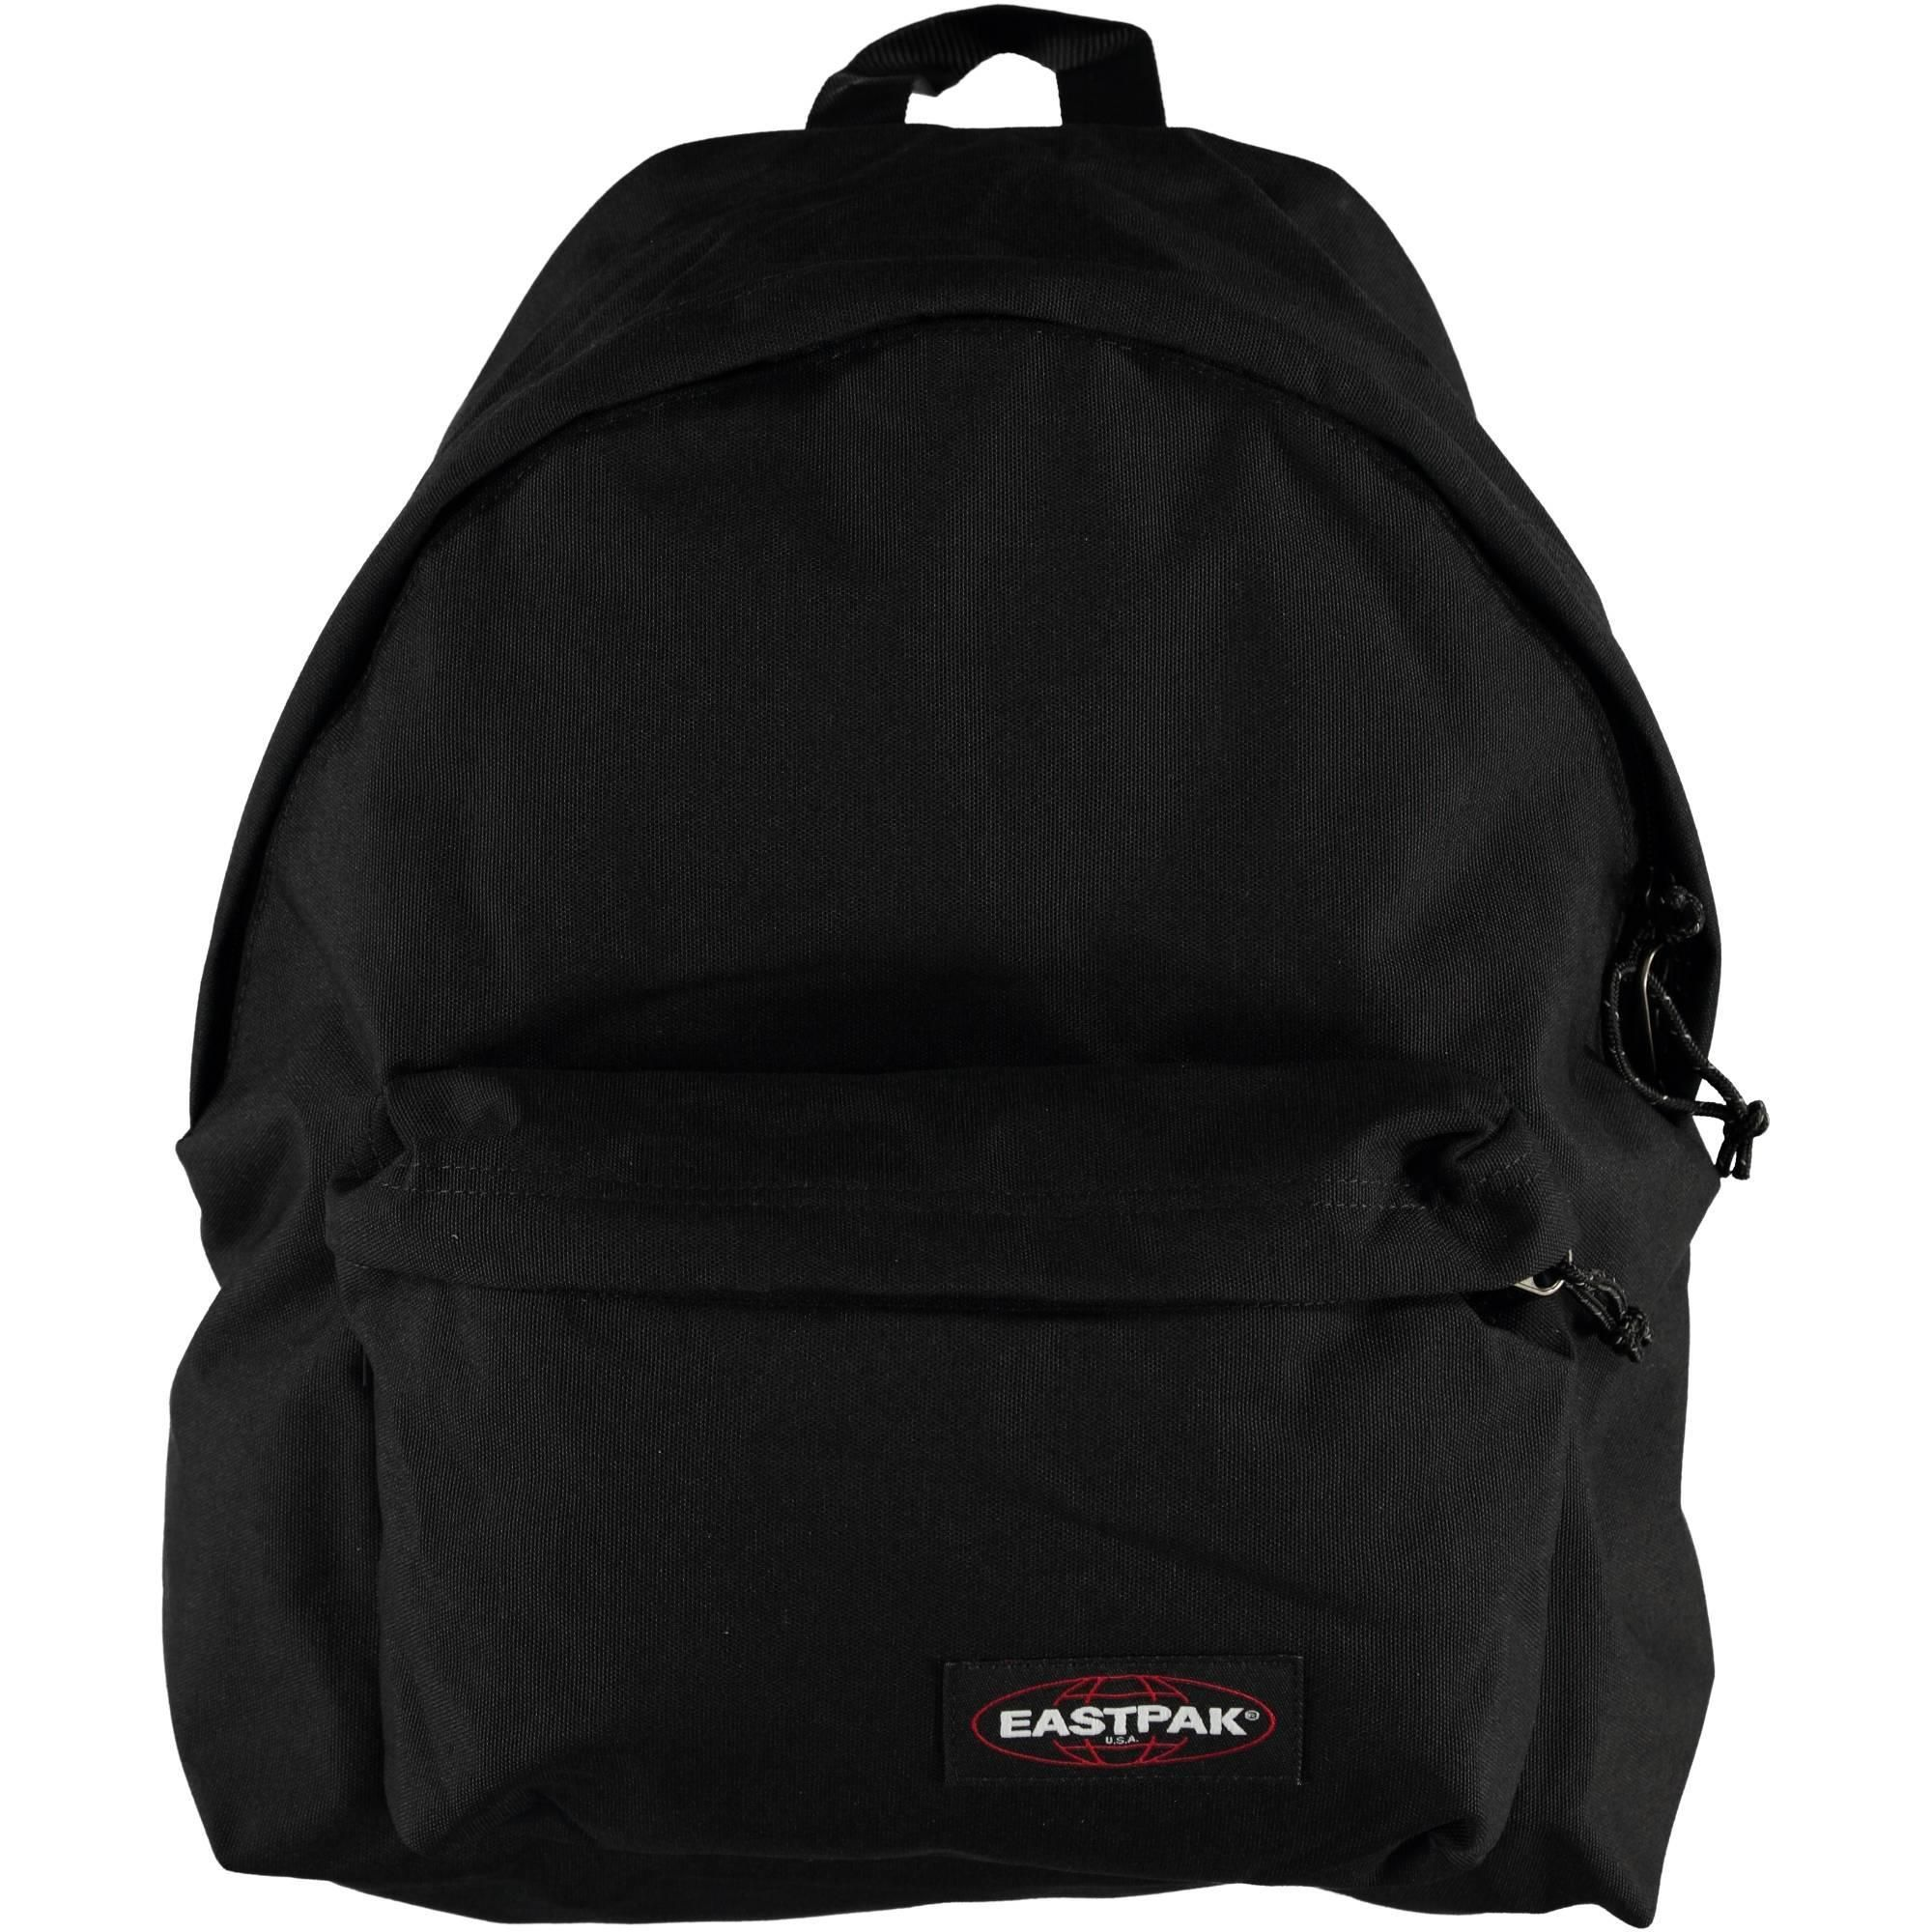 a9a9e4f4a1 Padded Pak'r Eastpak zaino in tinta unita nero - € 50,00 scontato del 10%  lo paghi solo € 45,00 | Nico.it - #nicoit #bags #borse #fashionbags  #colours ...